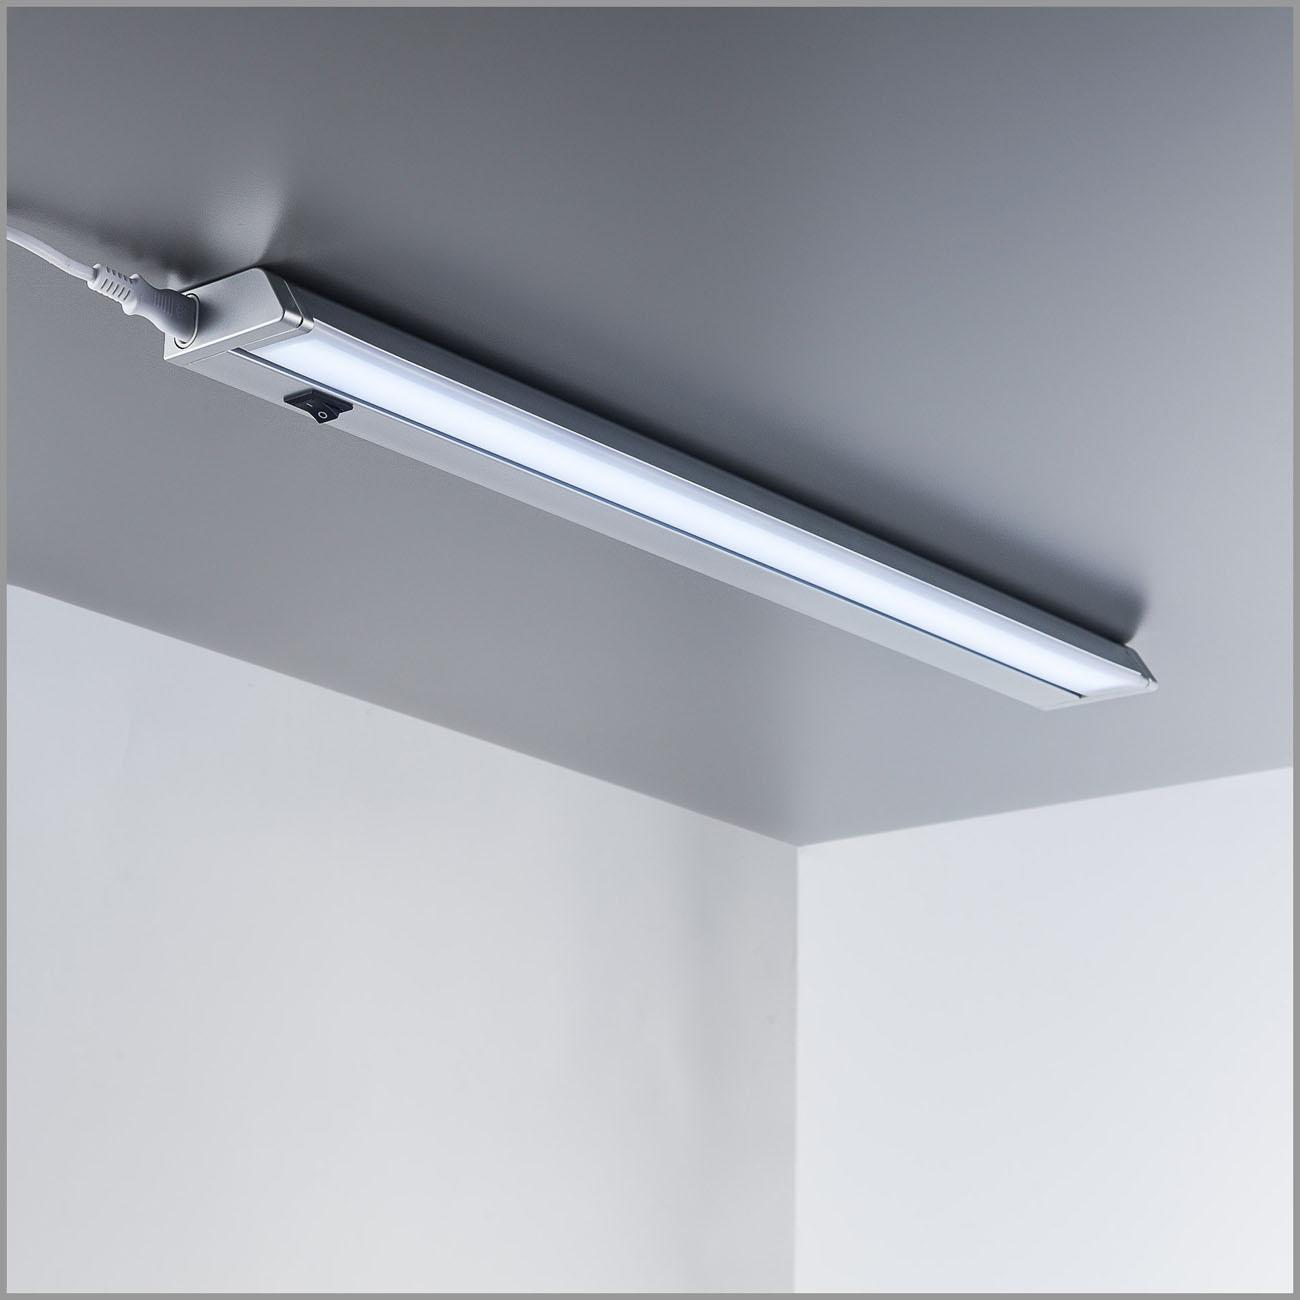 LED Schrankleuchte Unterbauleuchte silber-grau - 5